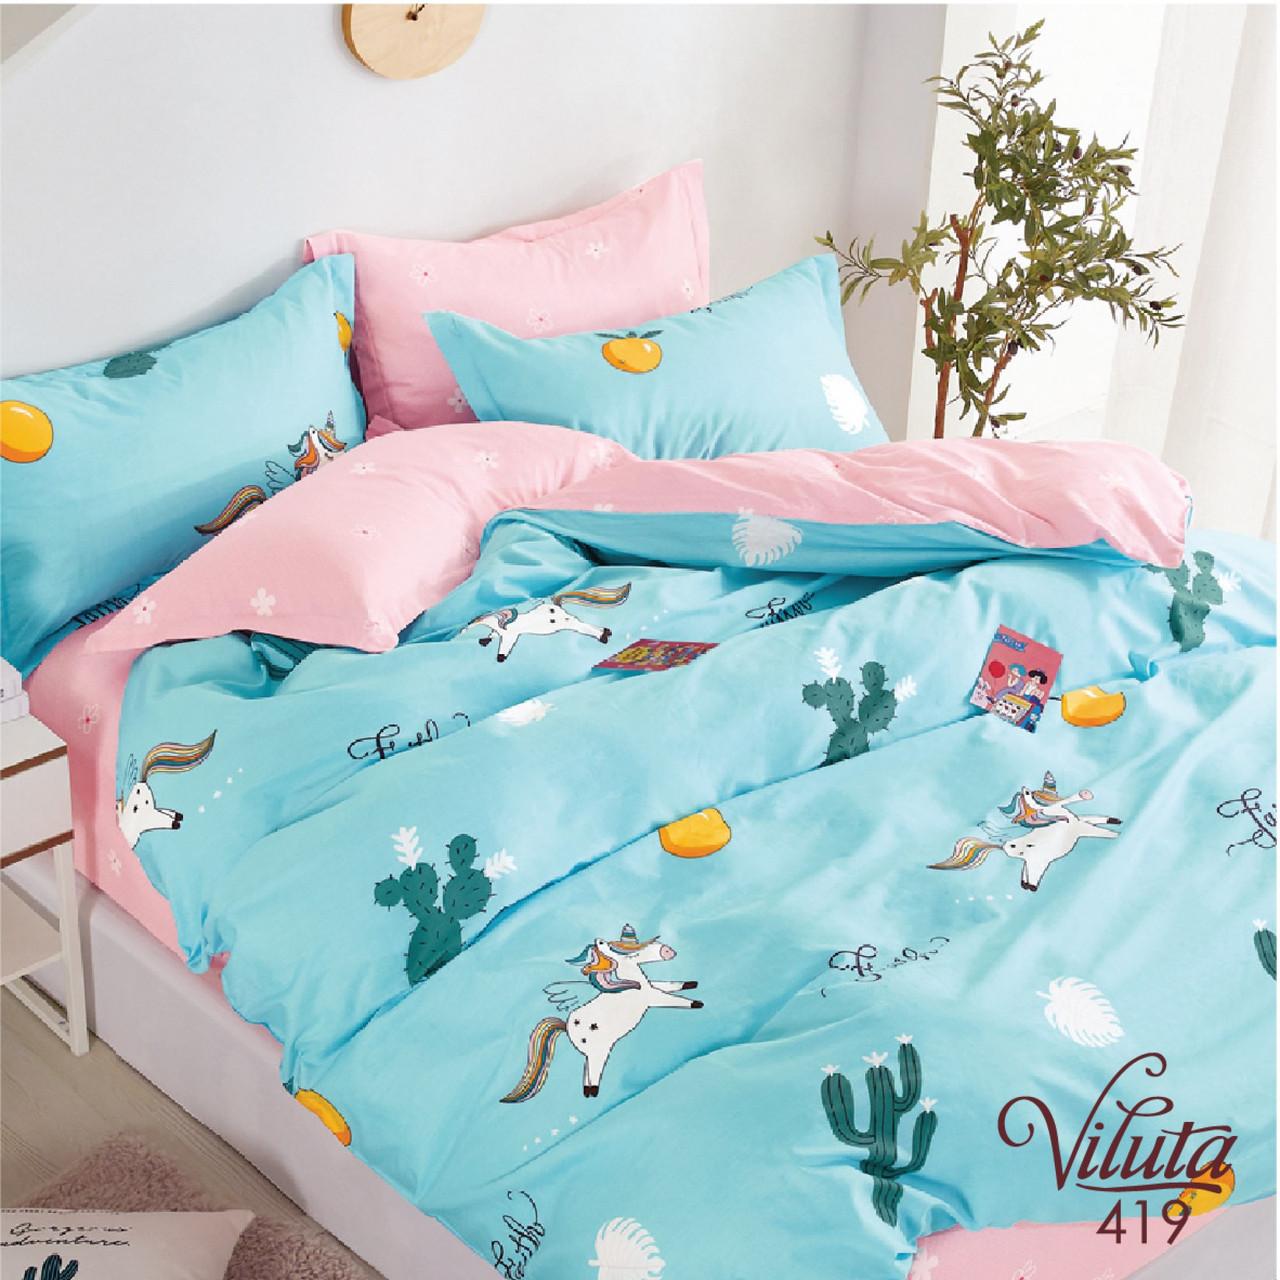 Постільна білизна в дитячу ліжечко Viluta. Сатин 419